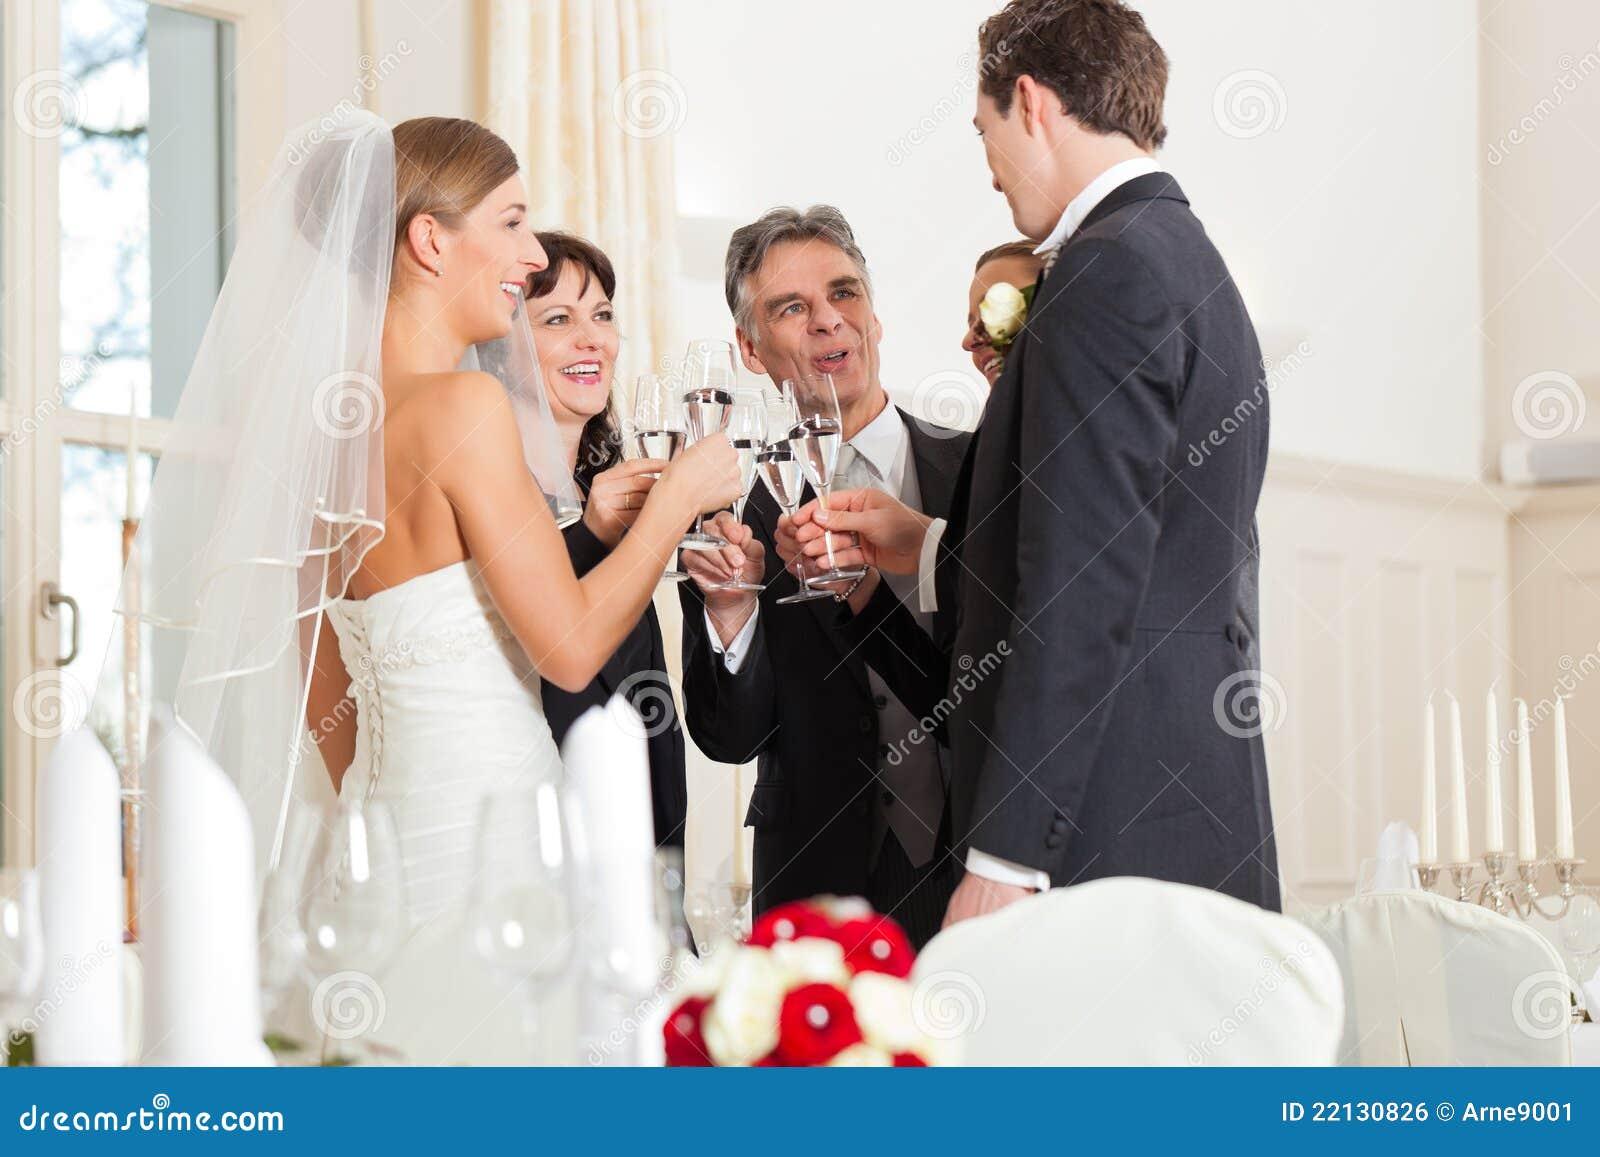 Vidros clinking do banquete de casamento